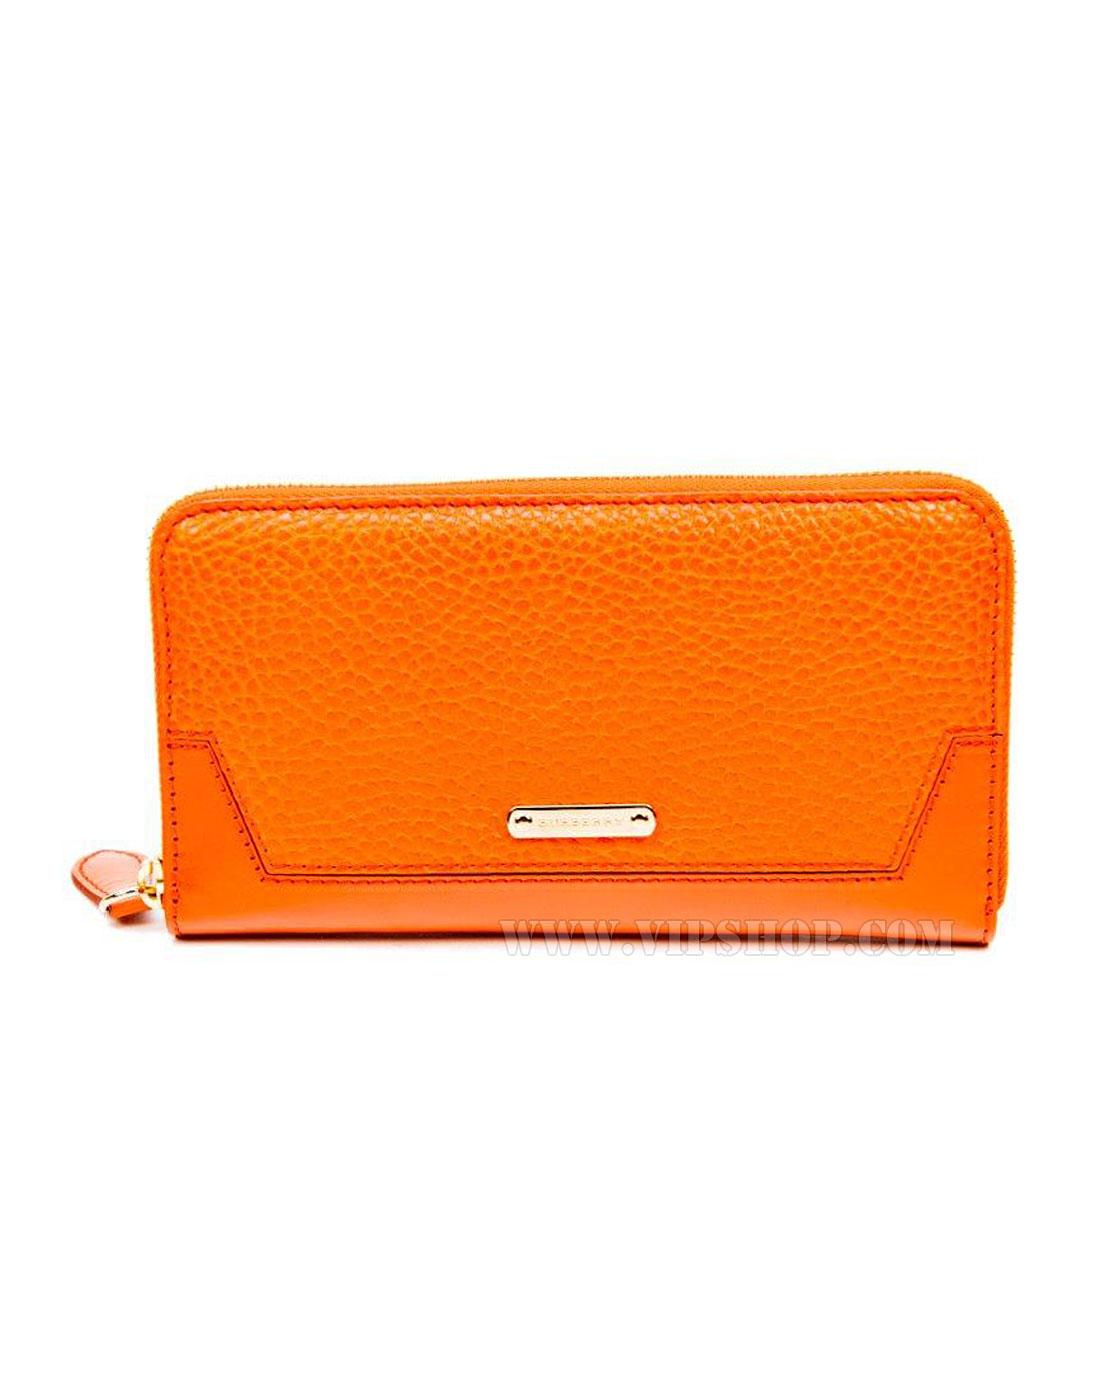 女款钱包橙色3882332-bu